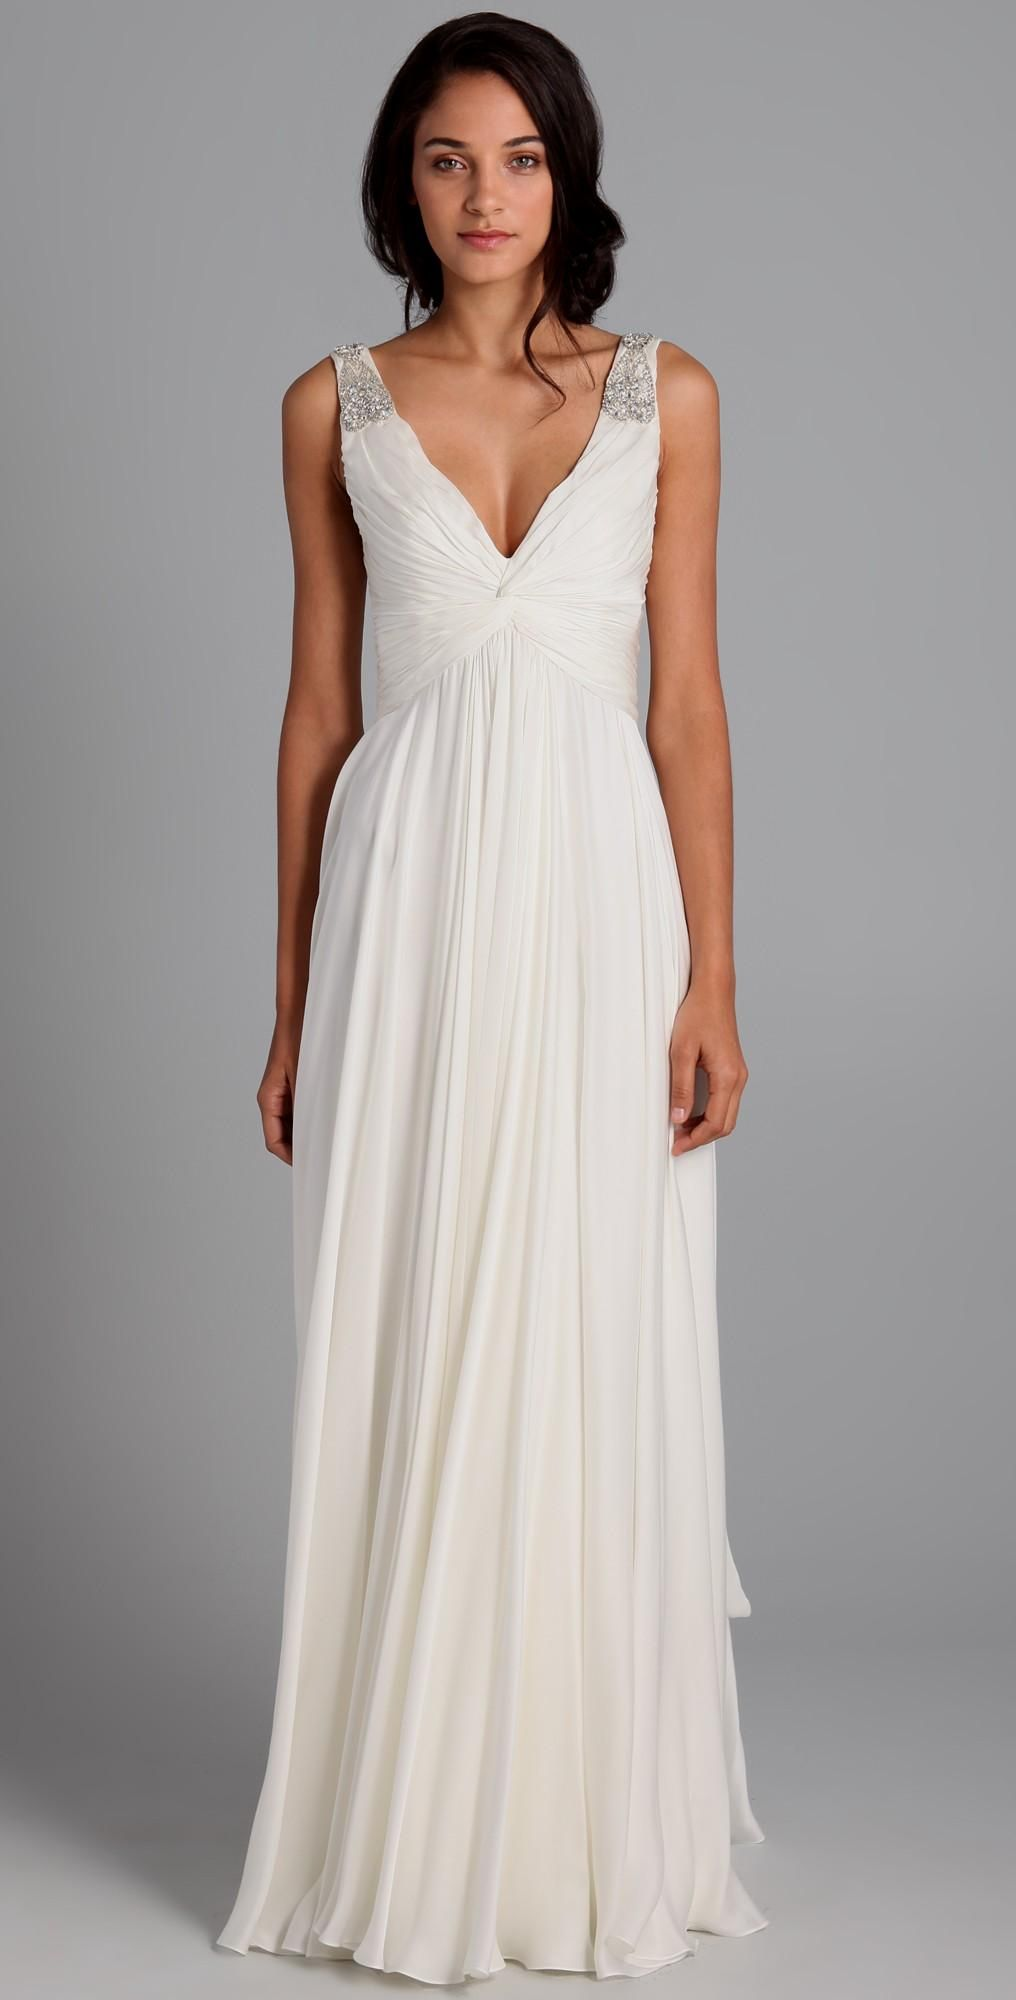 3daada8cc9 White Dresses For Beach Wedding Guest